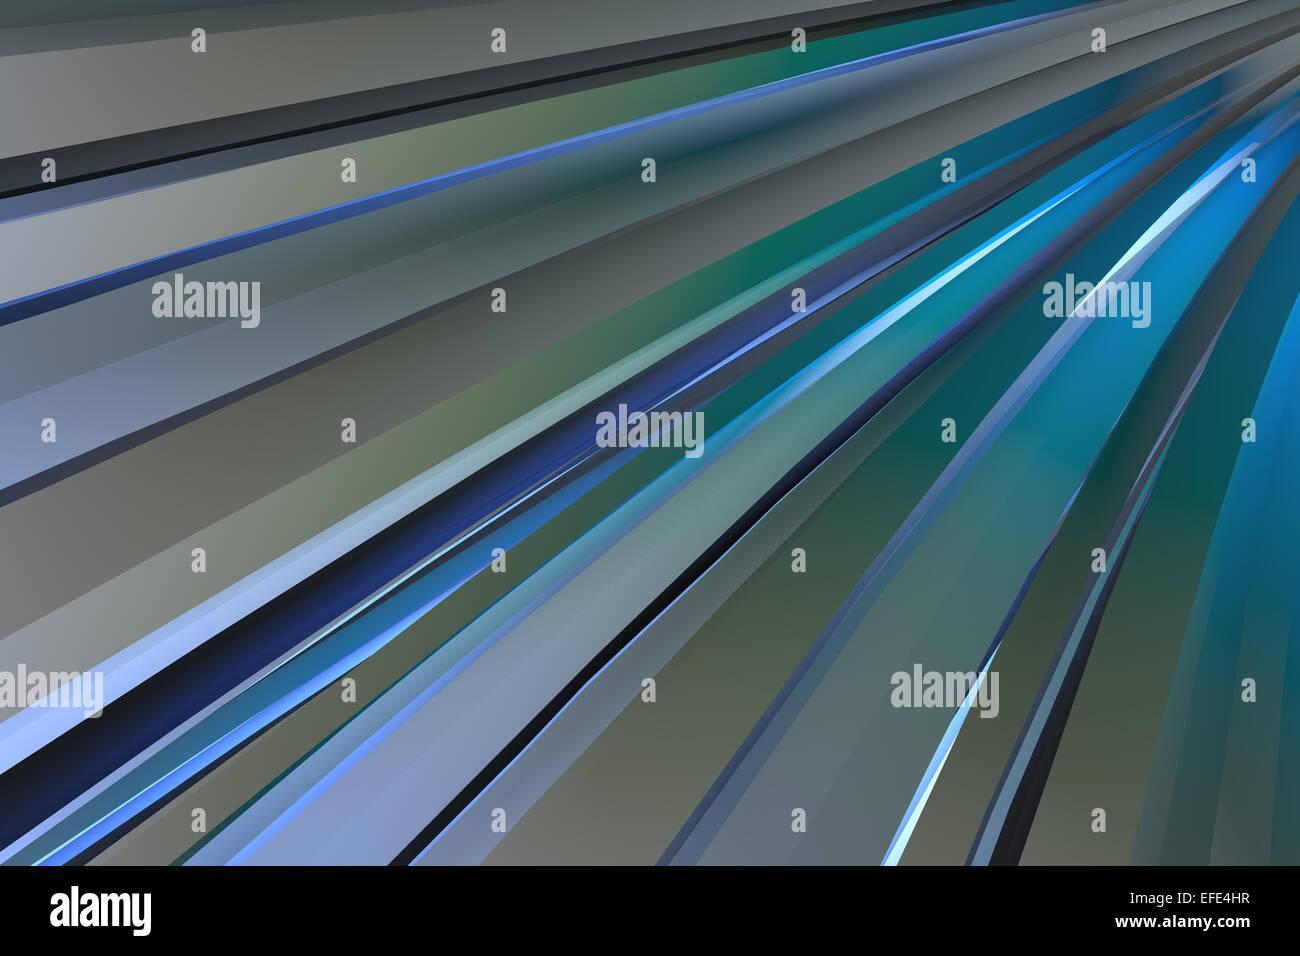 Linee astratte 3d sfondo generato Immagini Stock